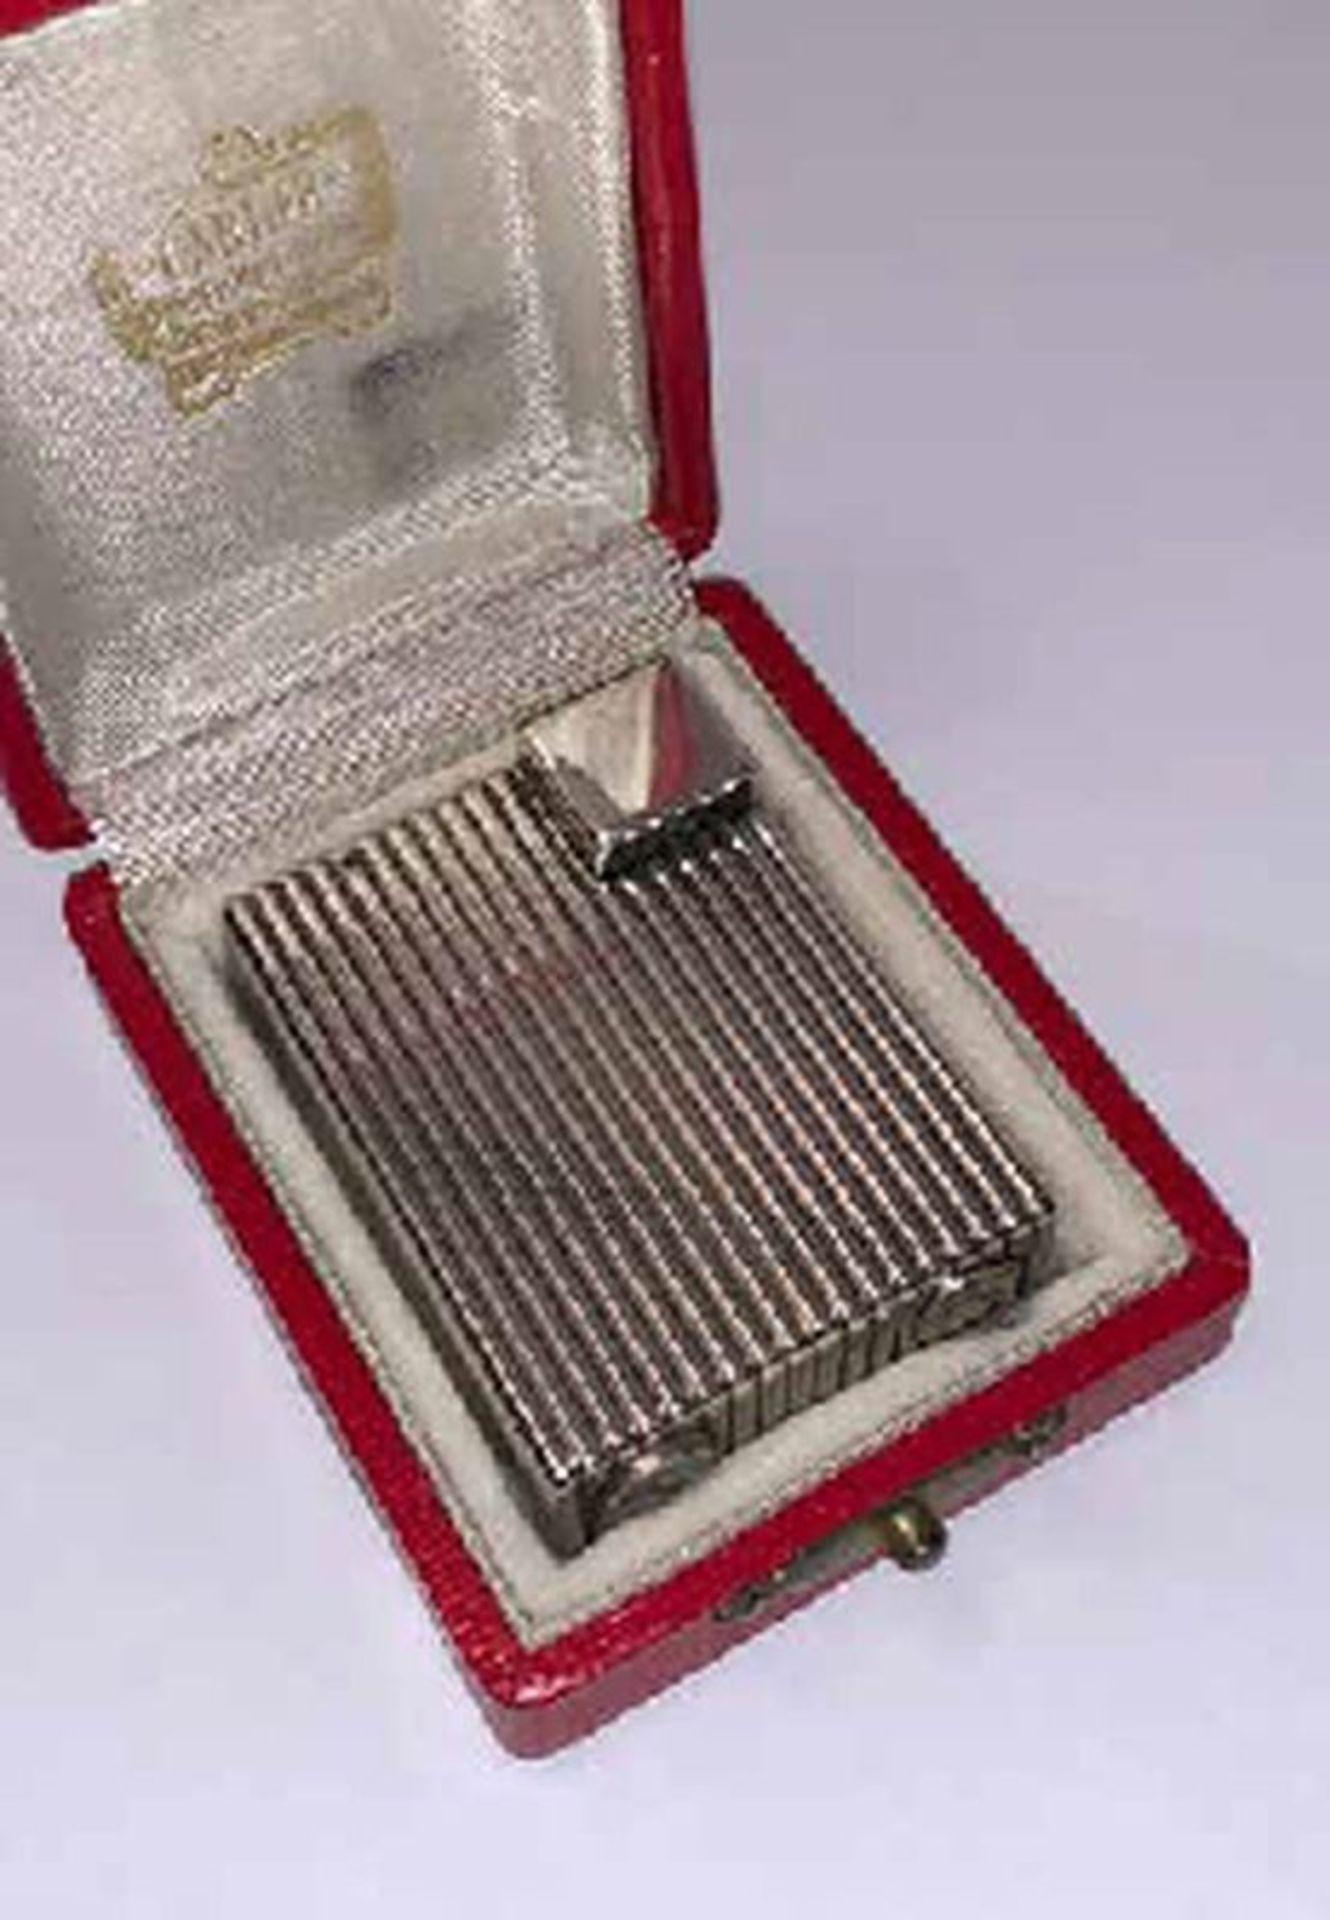 Reeded silver lighter, Cartier - Signed Cartier Paris Déposé, Cartier workshop [...] - Bild 3 aus 3